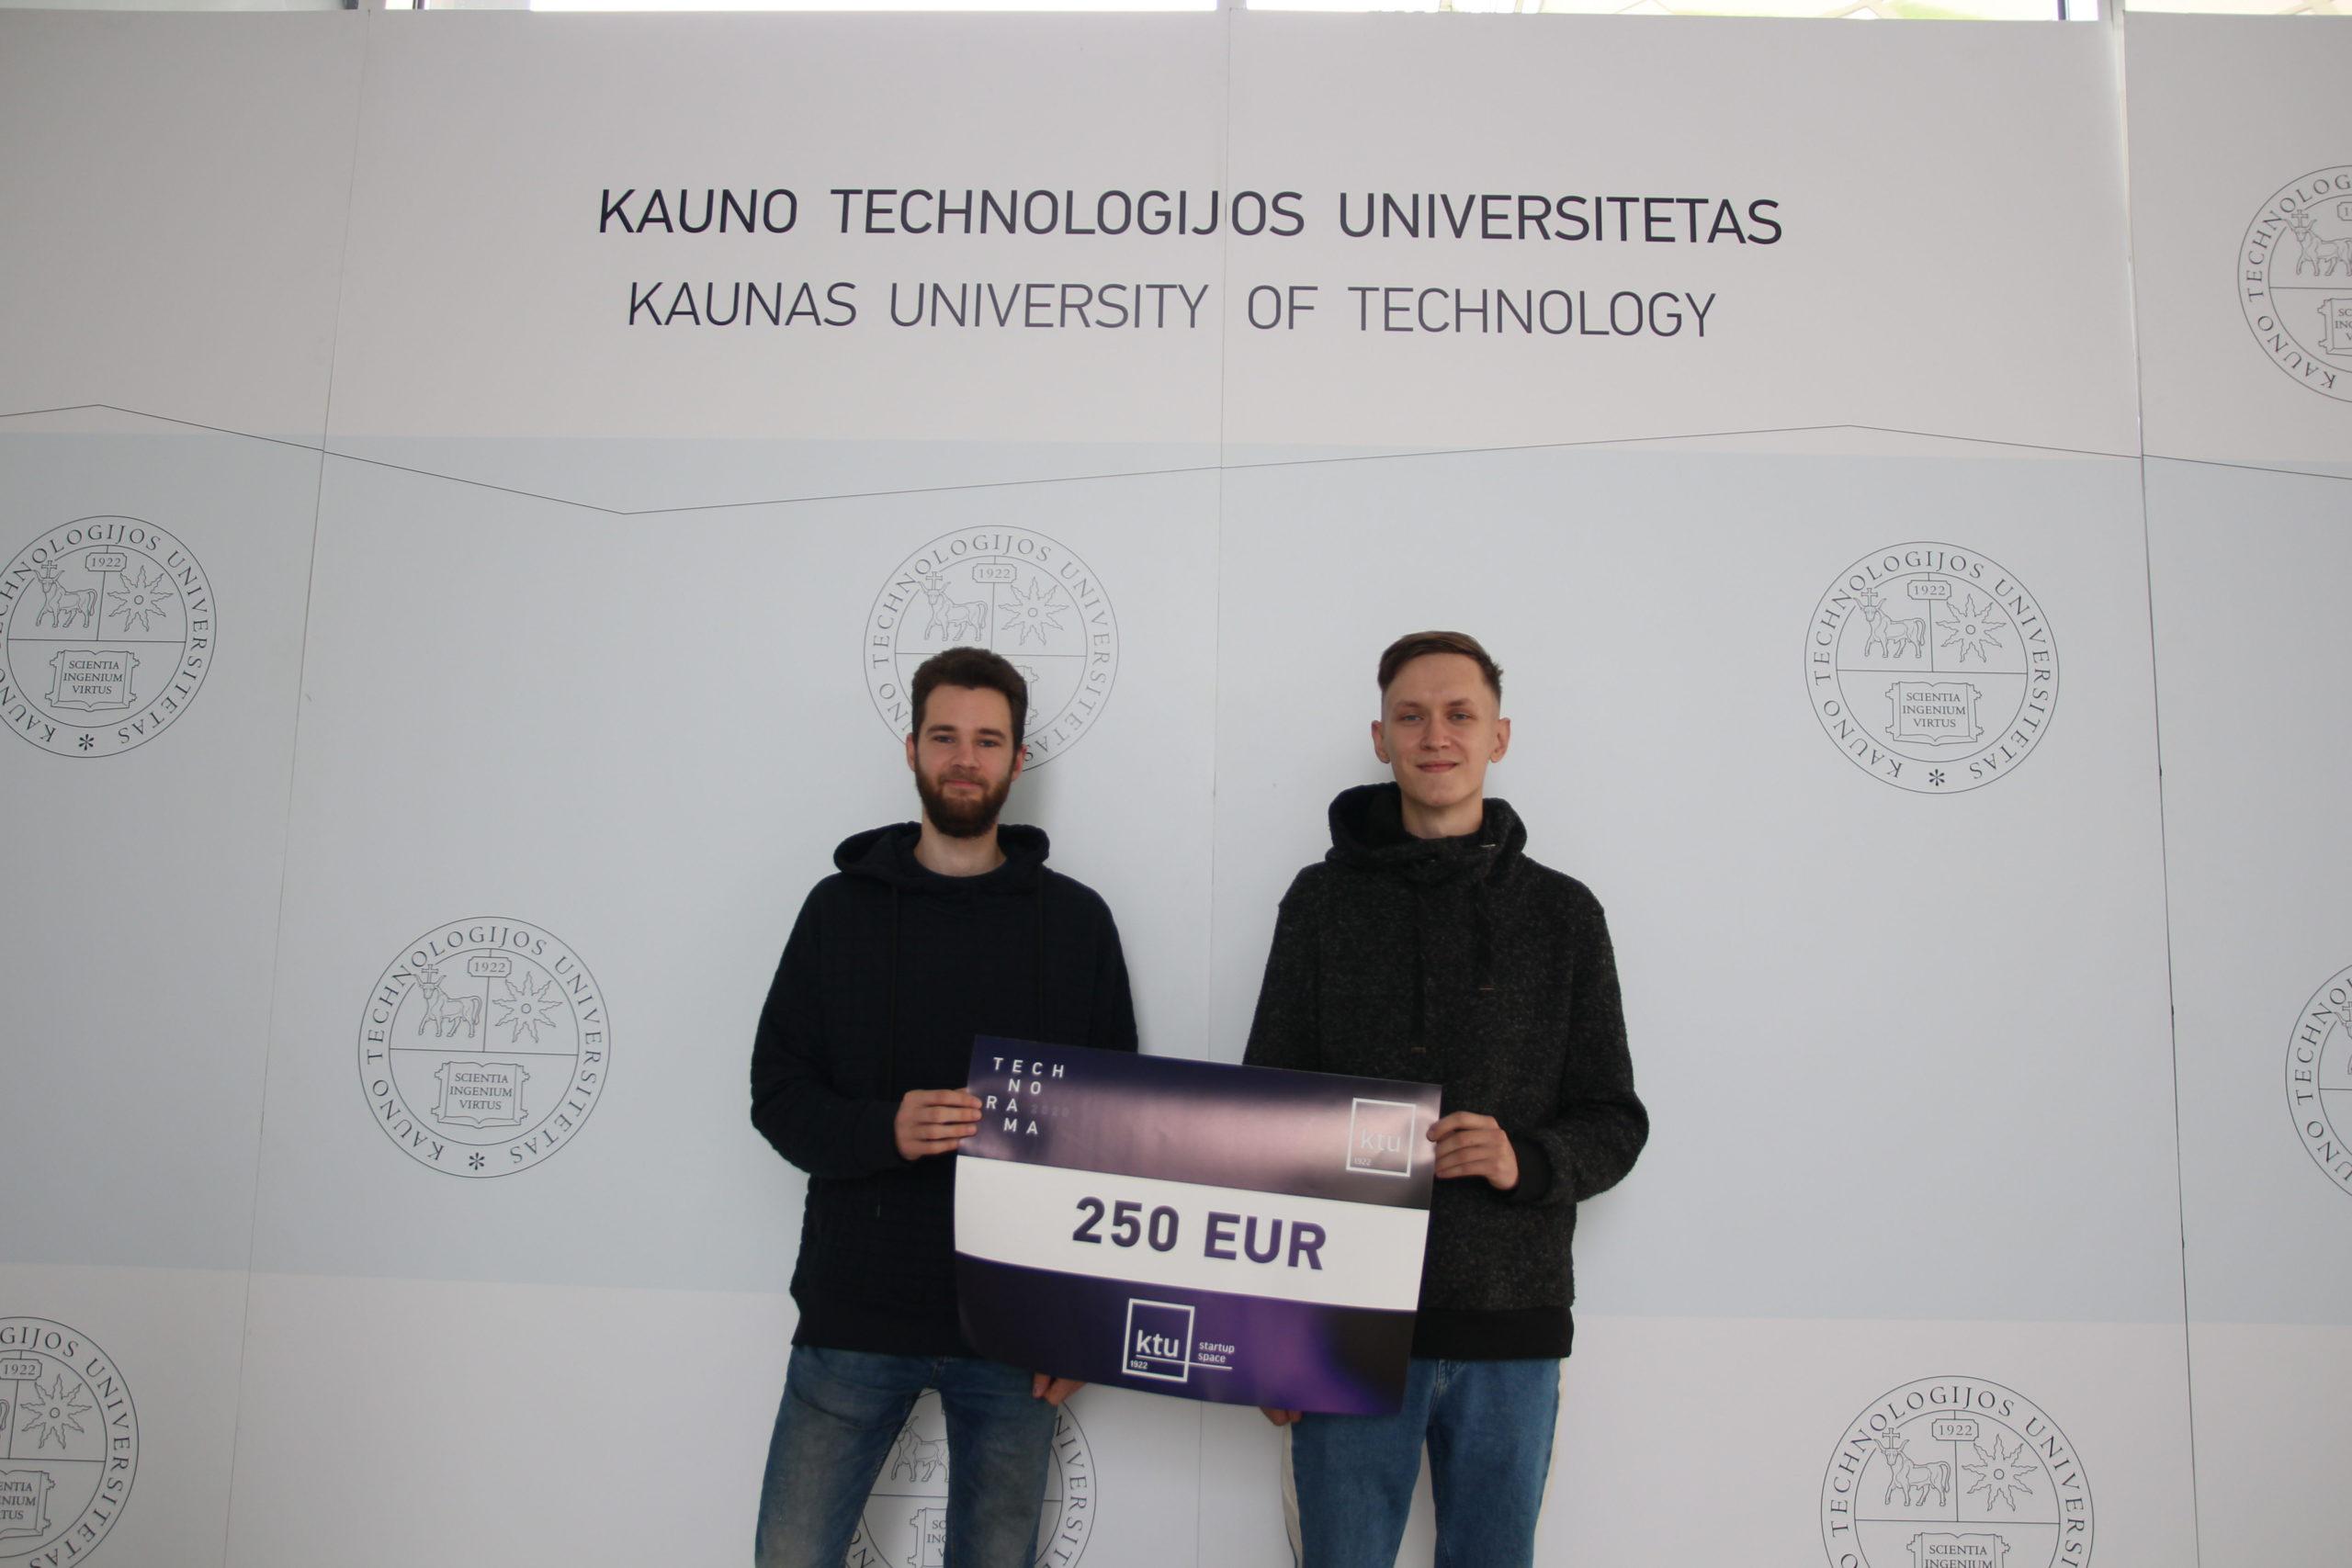 KTU Startup Space, kuris visos bendruomenės sprendimu jį skyrė dviejų maksimalistų komandai, sukūrusiai lenktynių treniruoklio simuliatorių